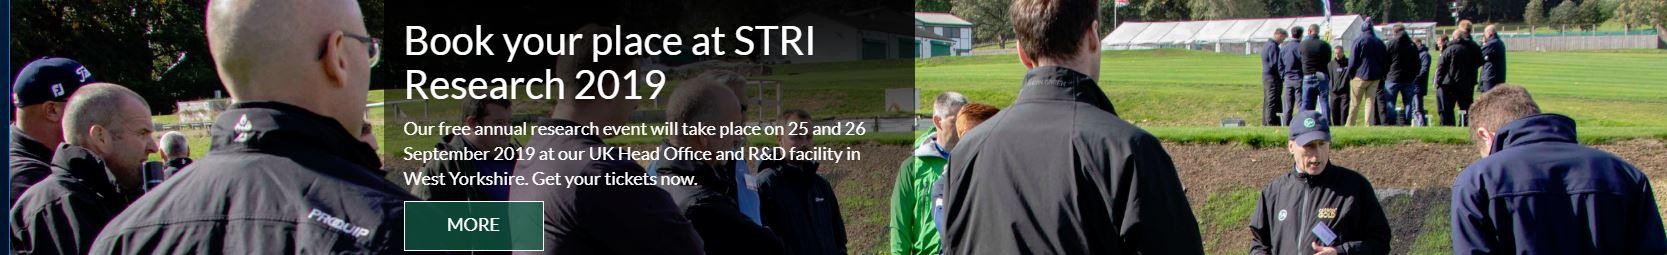 STRI Research 2019 header